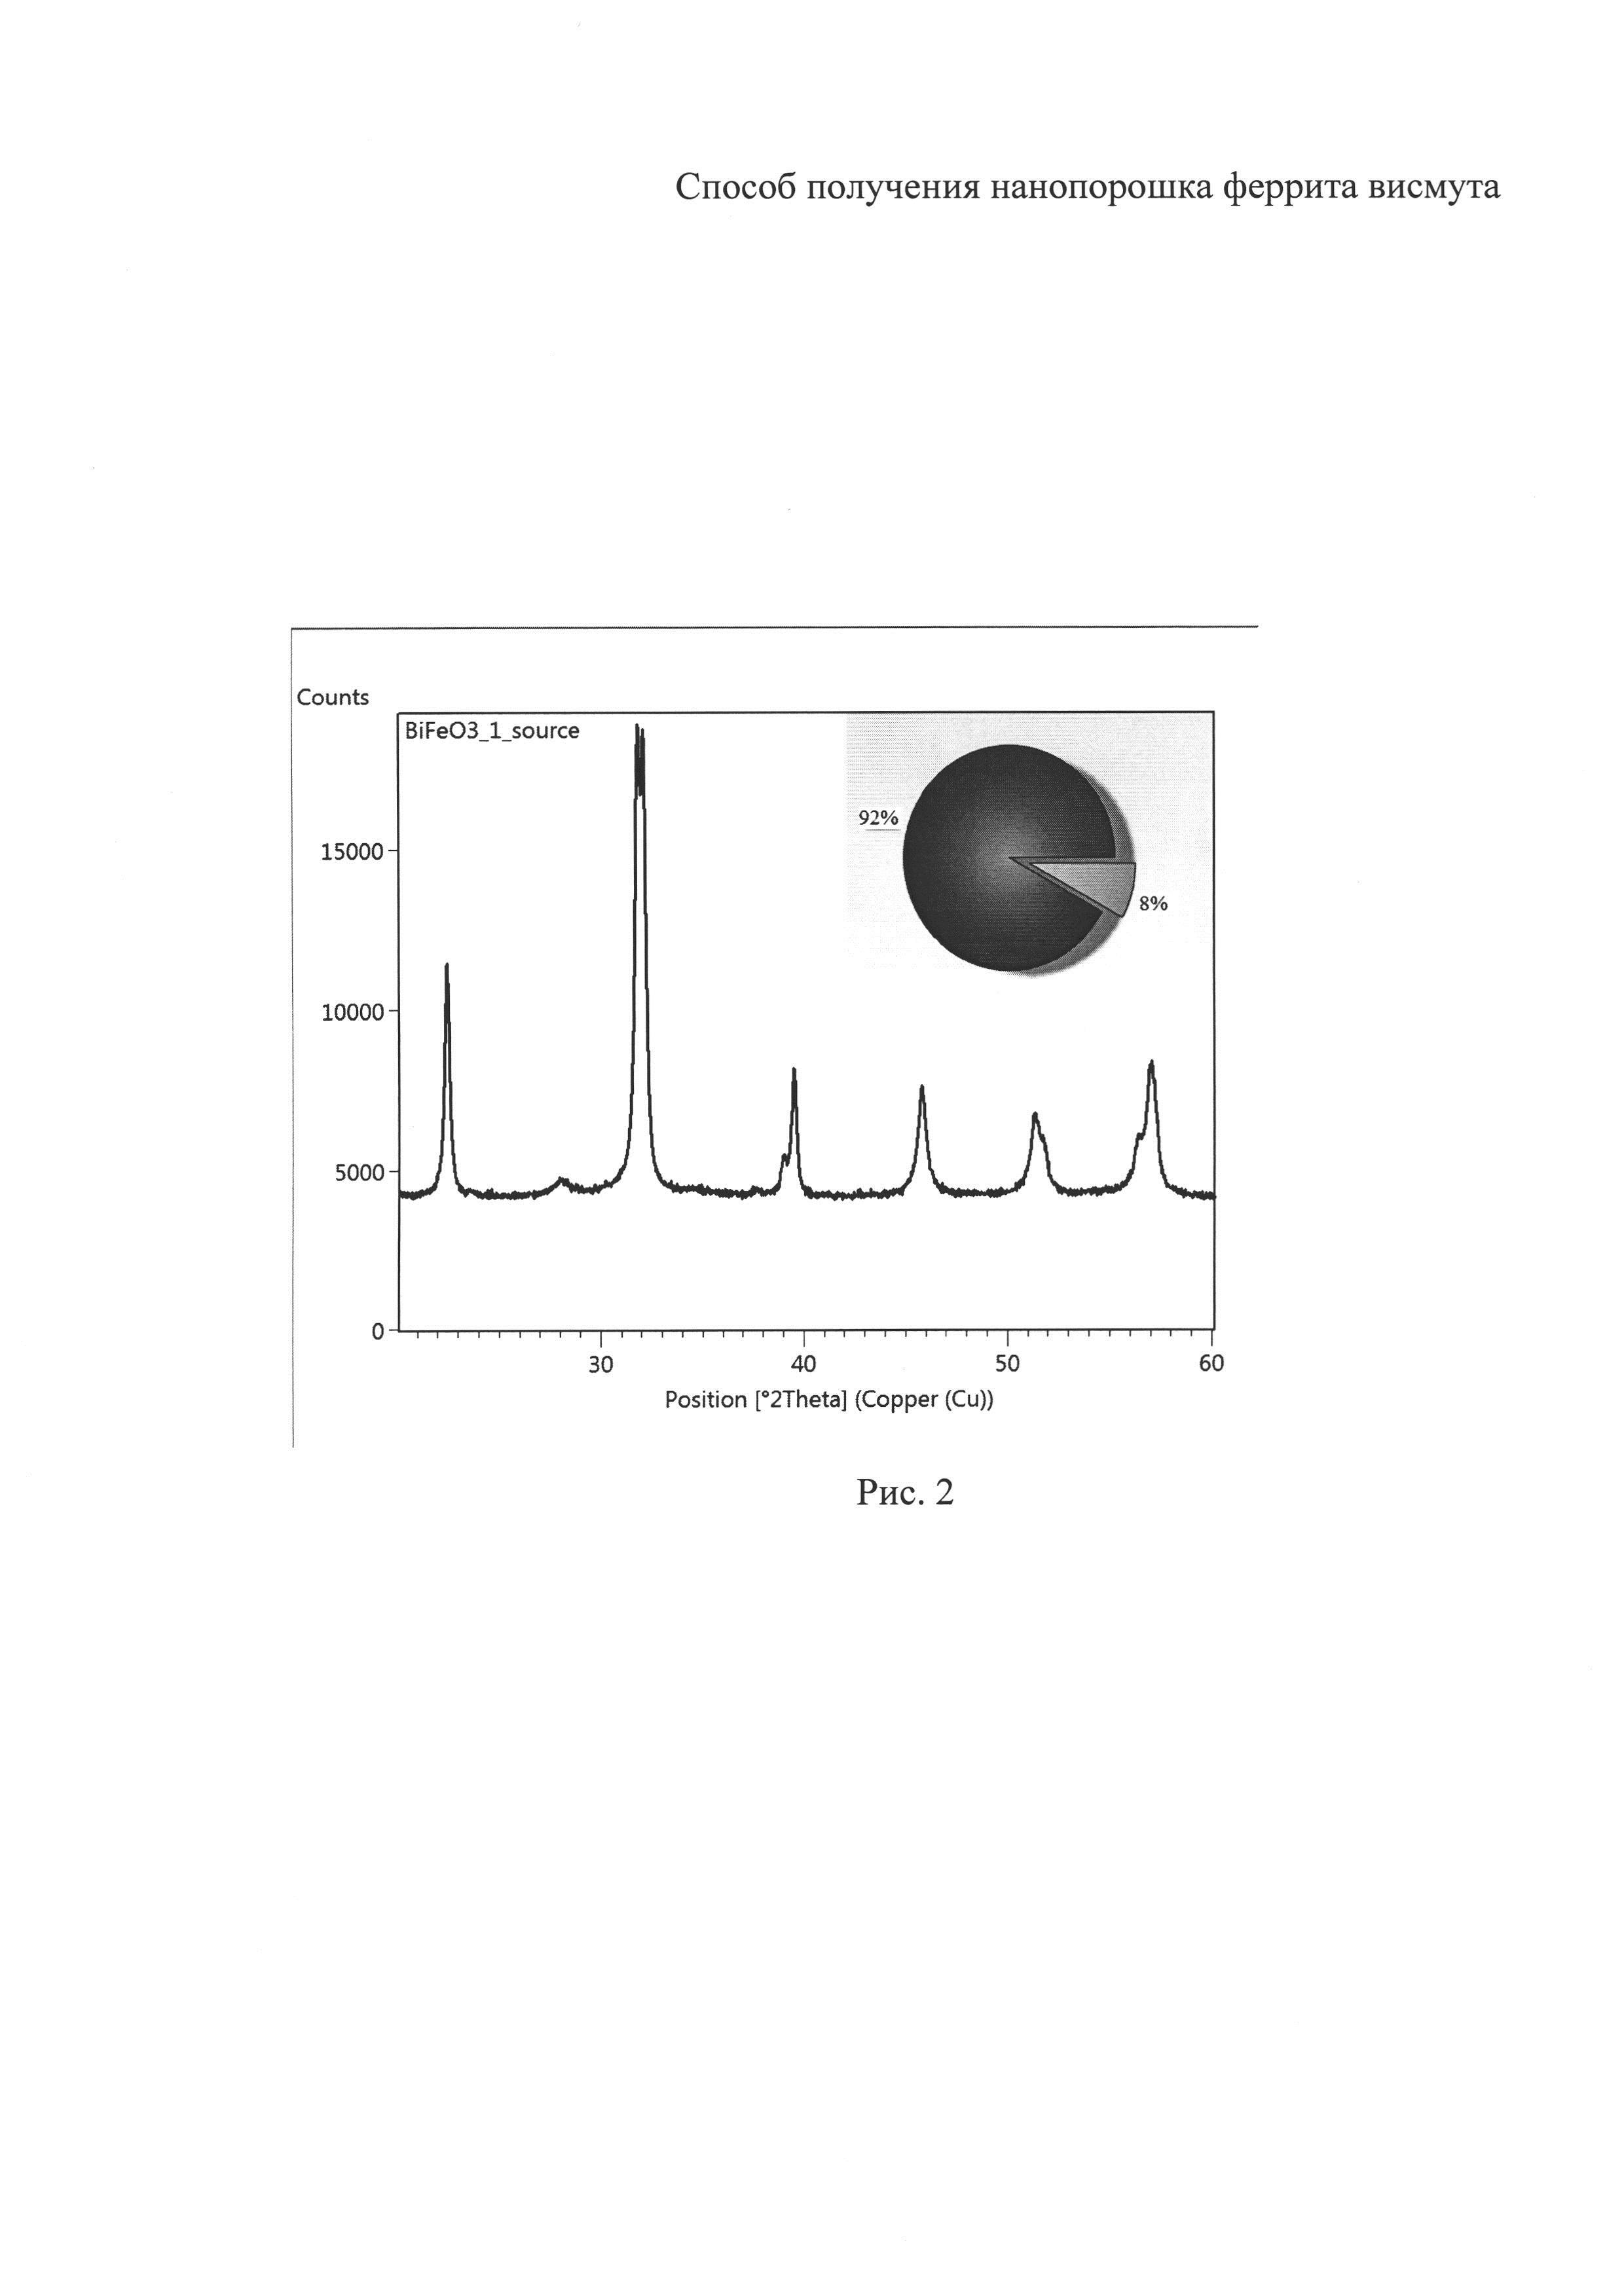 Способ получения нанопорошка феррита висмута